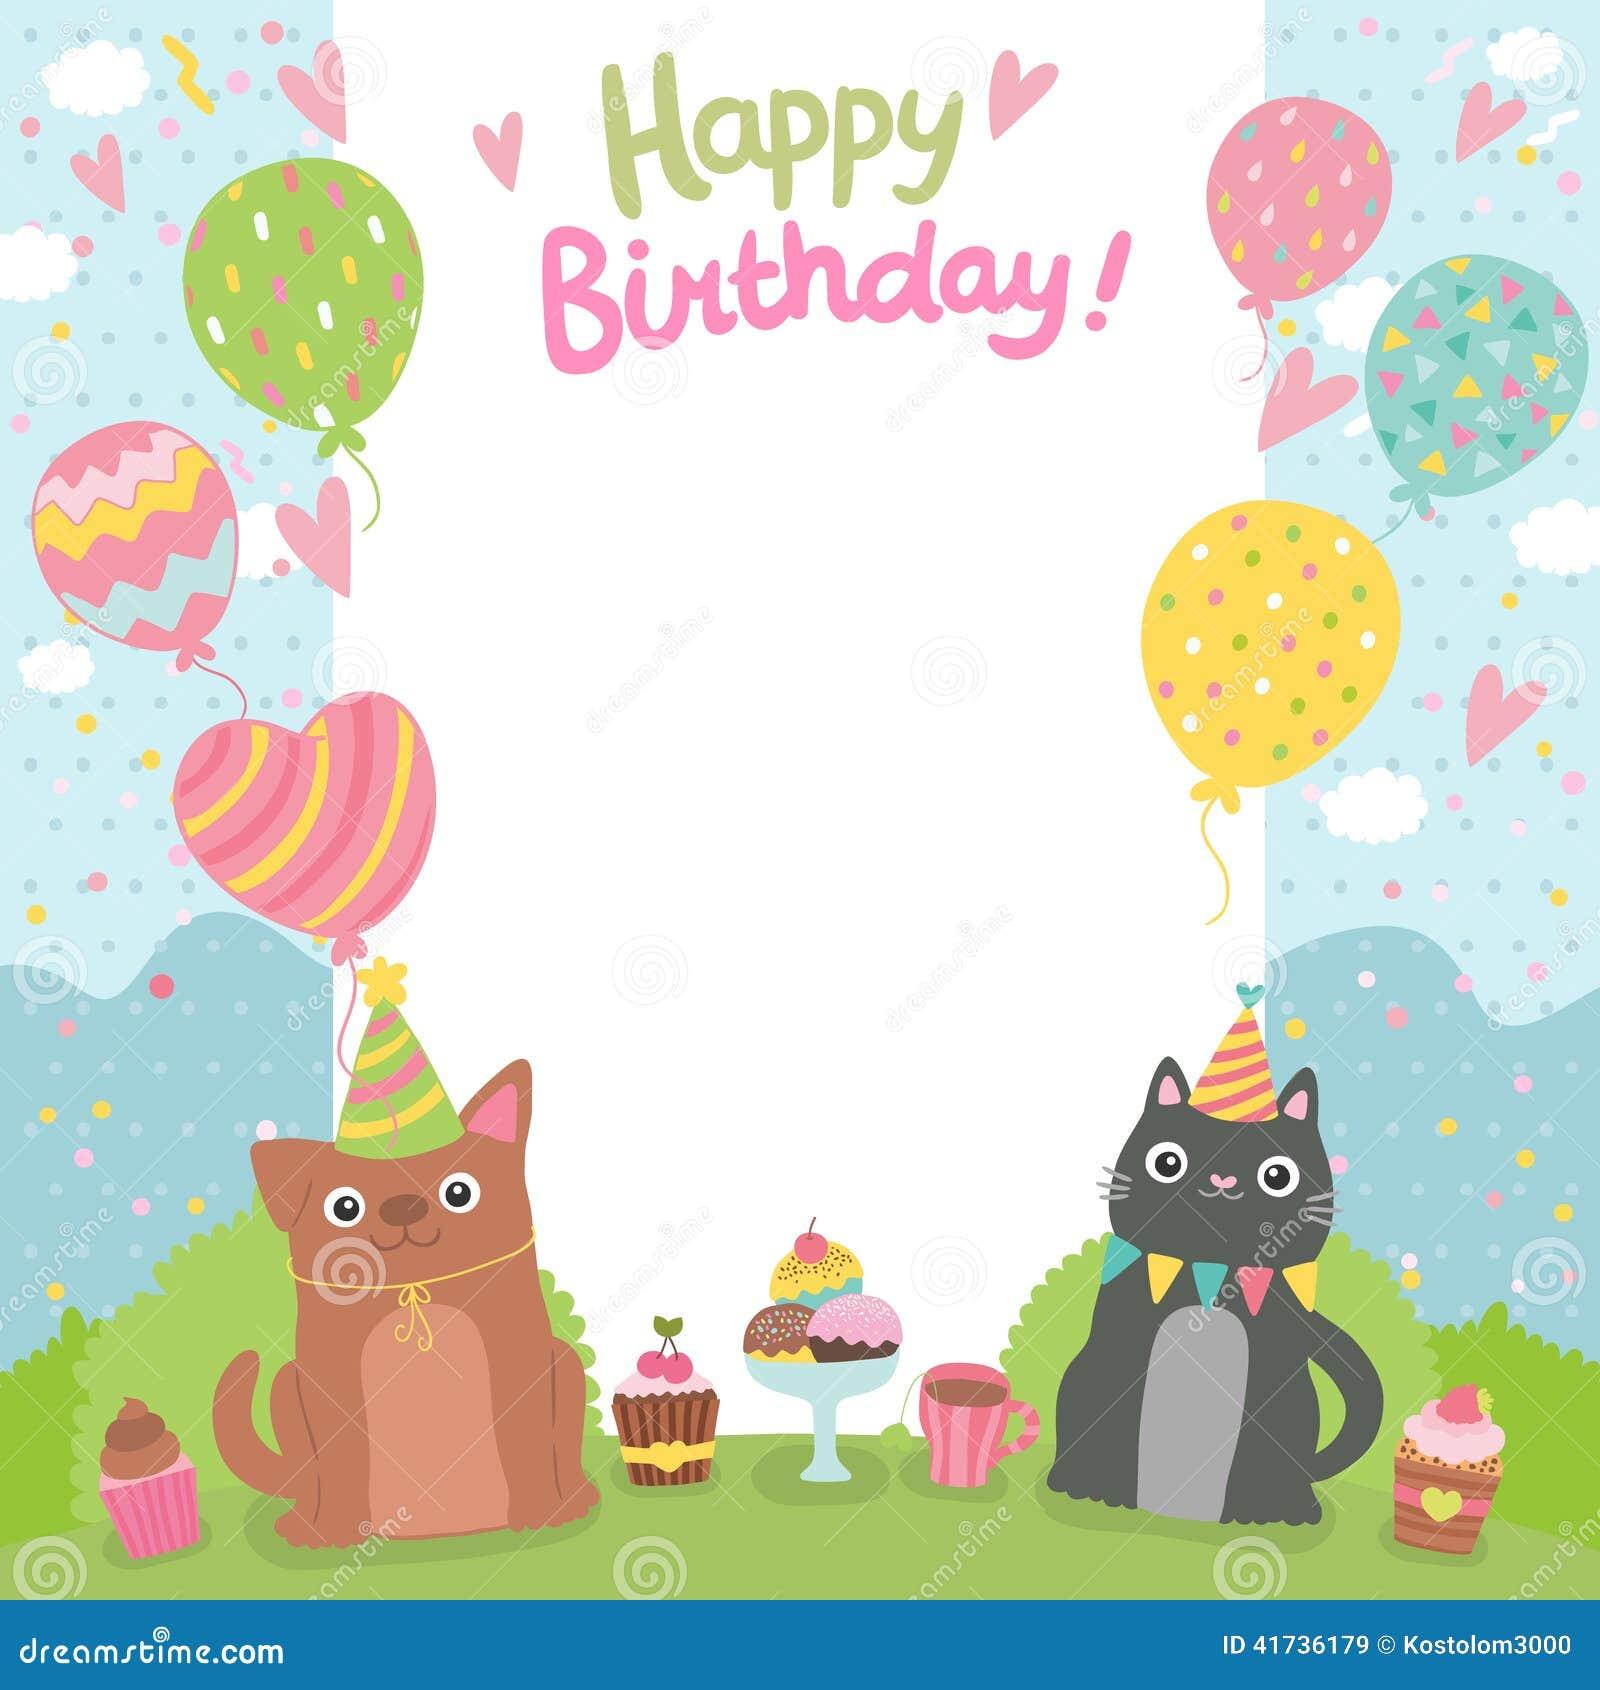 httpsthumbsdreamstimezhappybirthdaycar – Dog Birthday Invitations Free